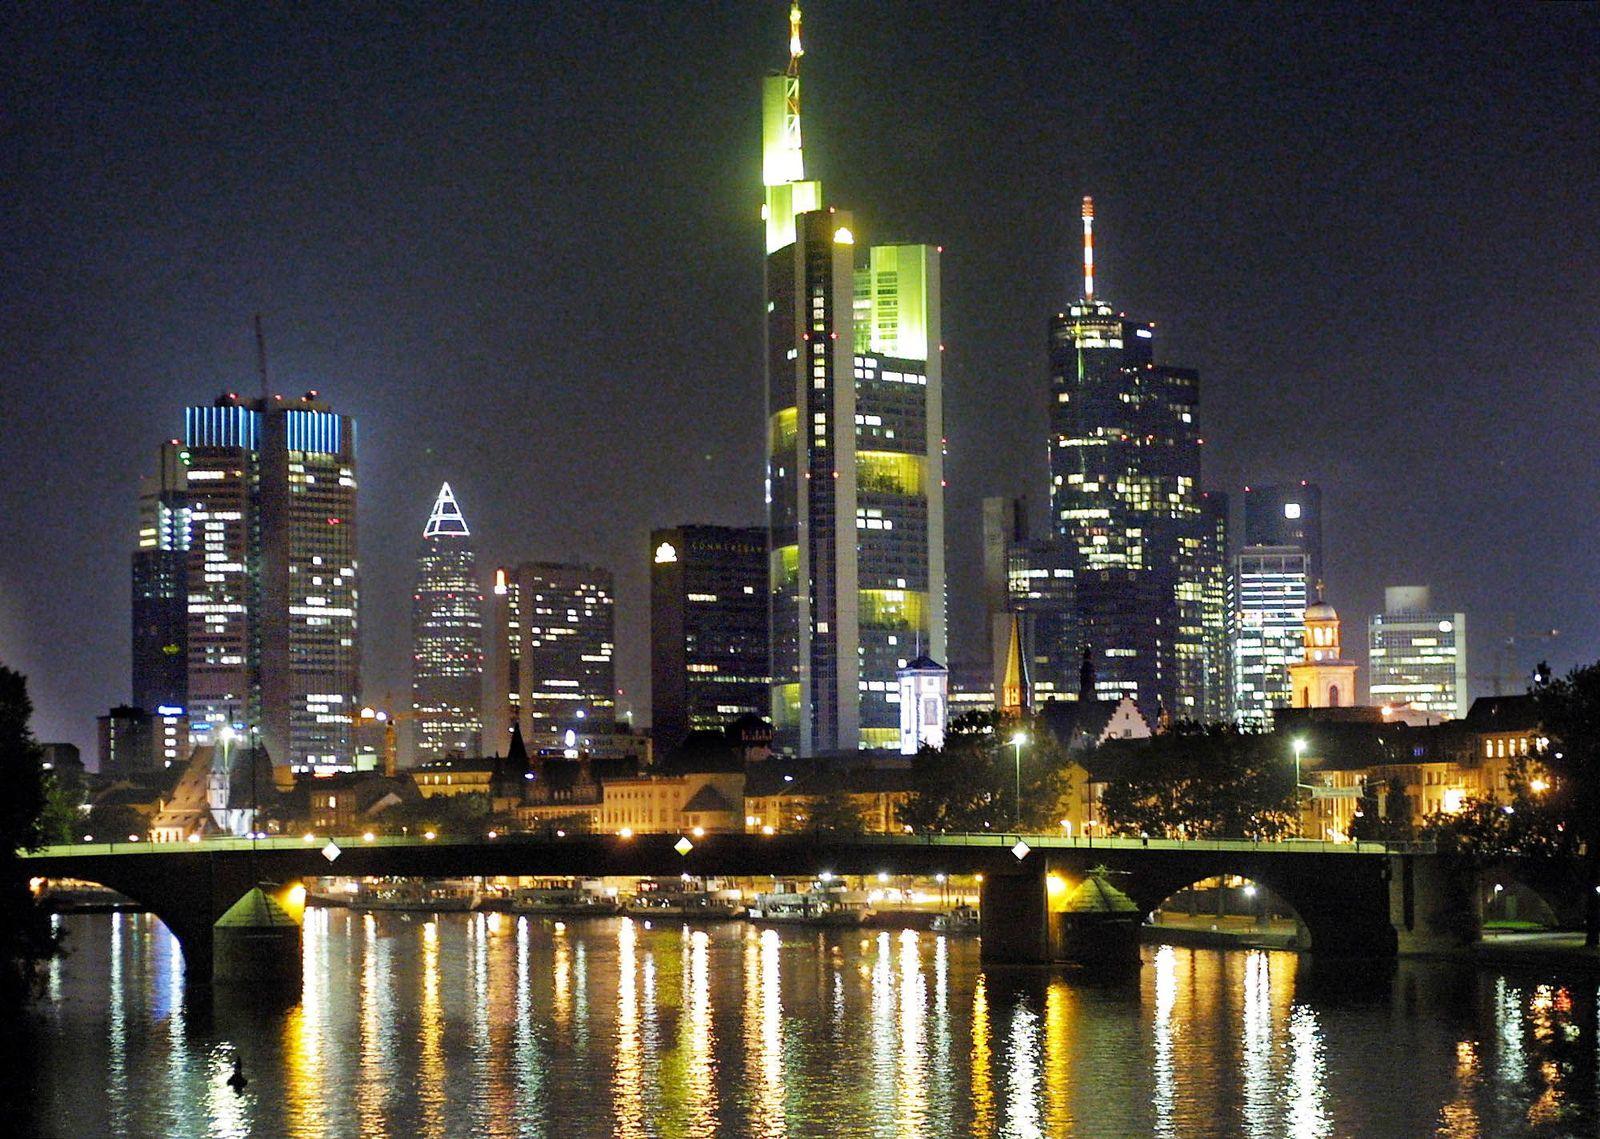 Nachkriegsarchitektur/ Städte/ Frankfurt